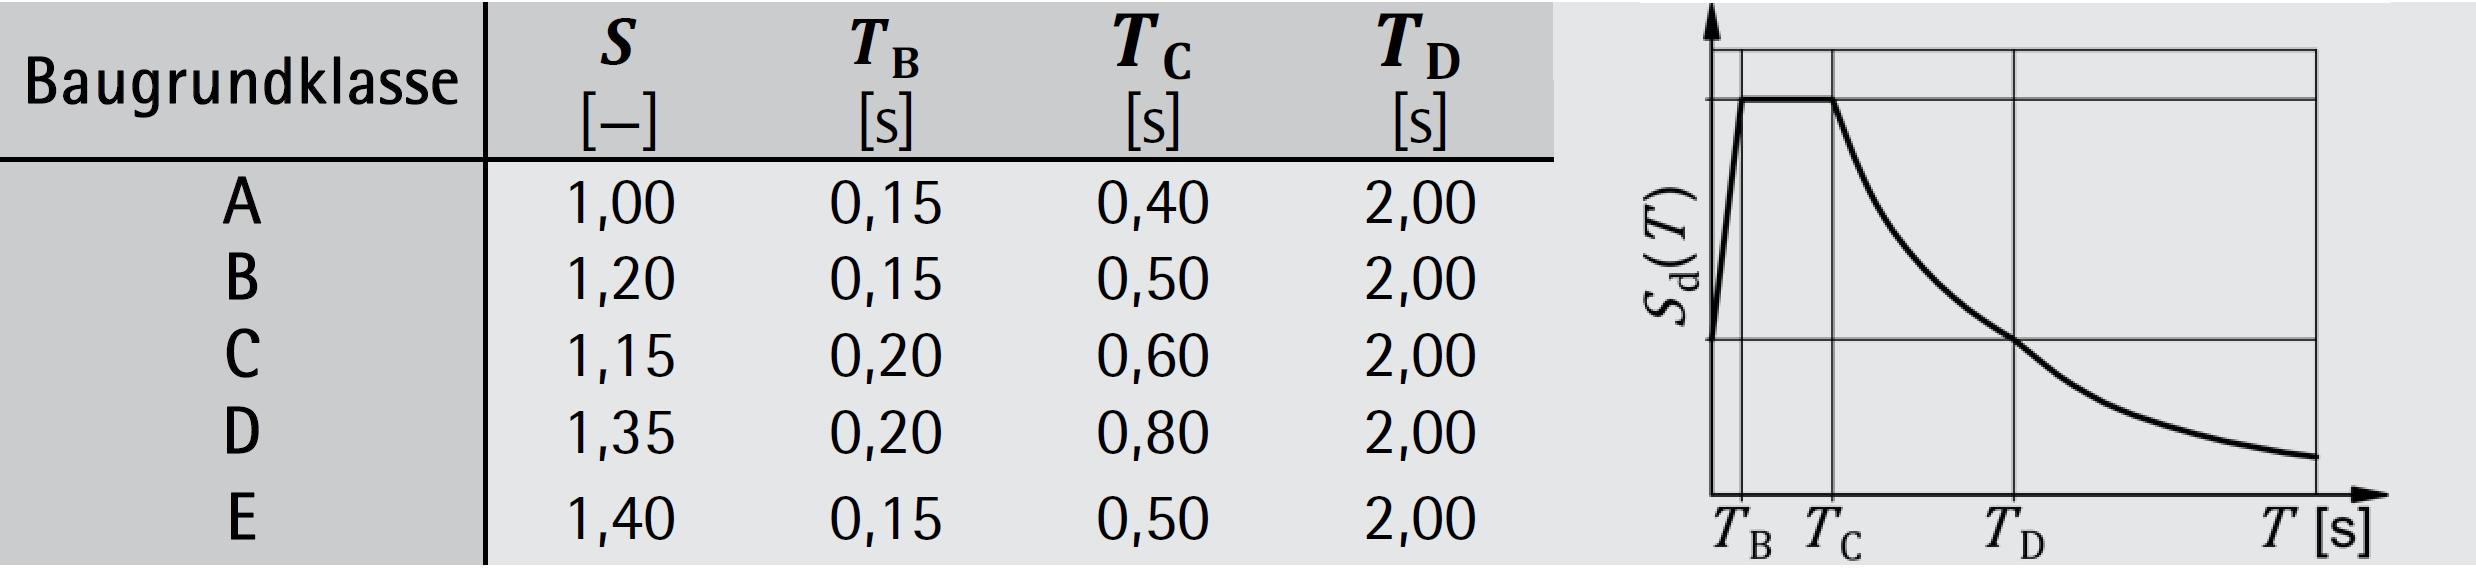 Parameterwerte zur Beschreibung des elastischen Antwortspektrums – ÖNORM EN 1998-1